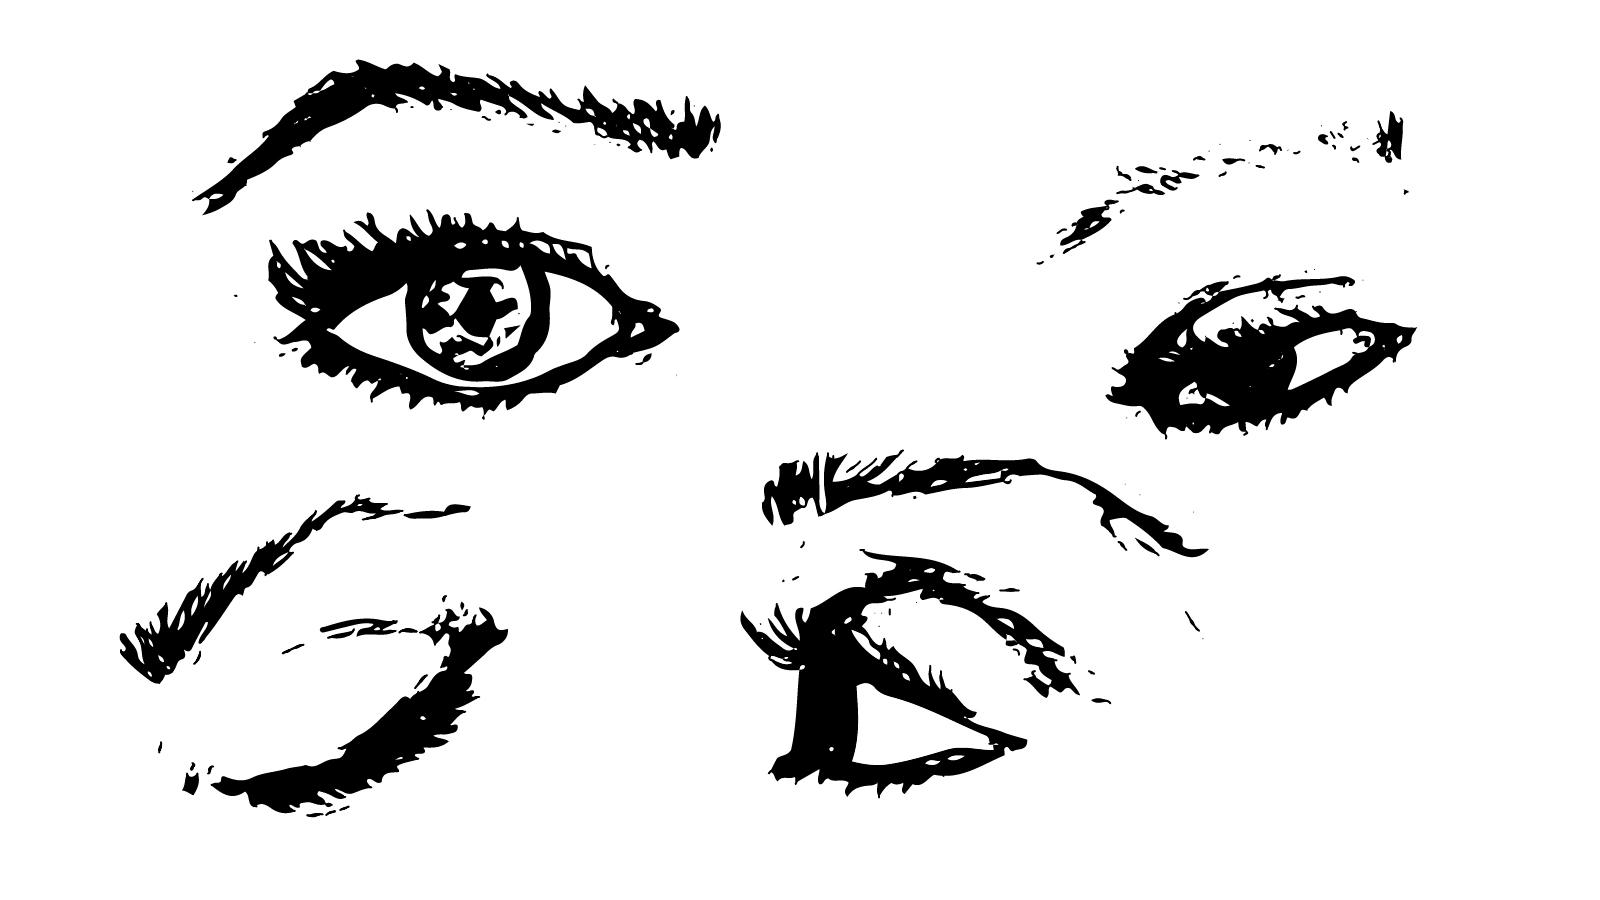 Illustrations Portfolio - Merissa Fernandez _Eyes on You (Sketch).jpg